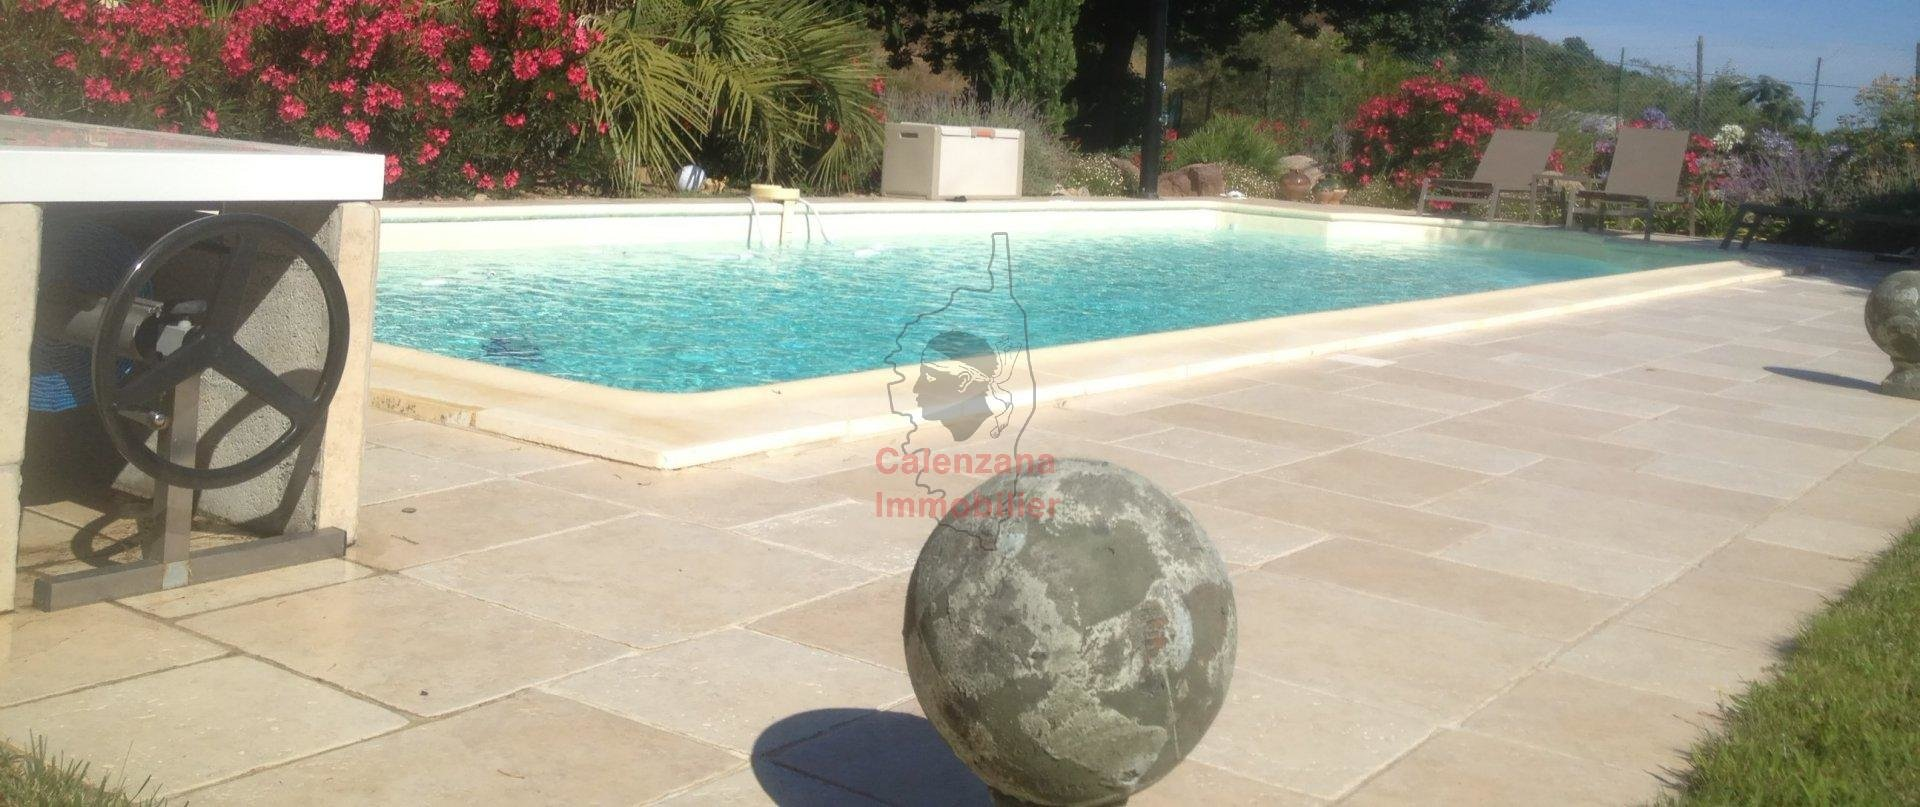 Seasonal rental Villa - Calenzana